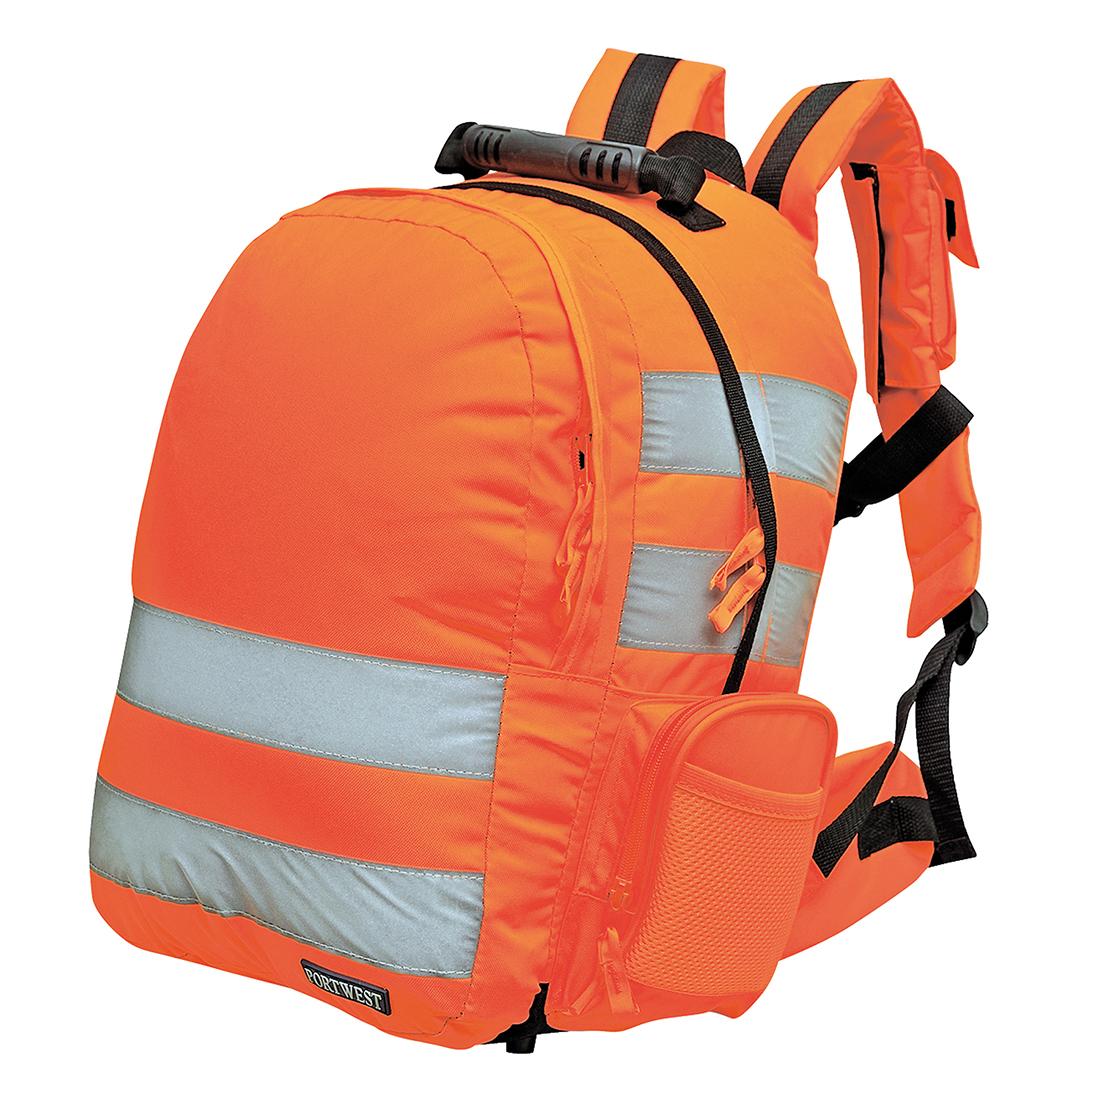 Quick Release Rucksack  (25L), Orange  R/Fit